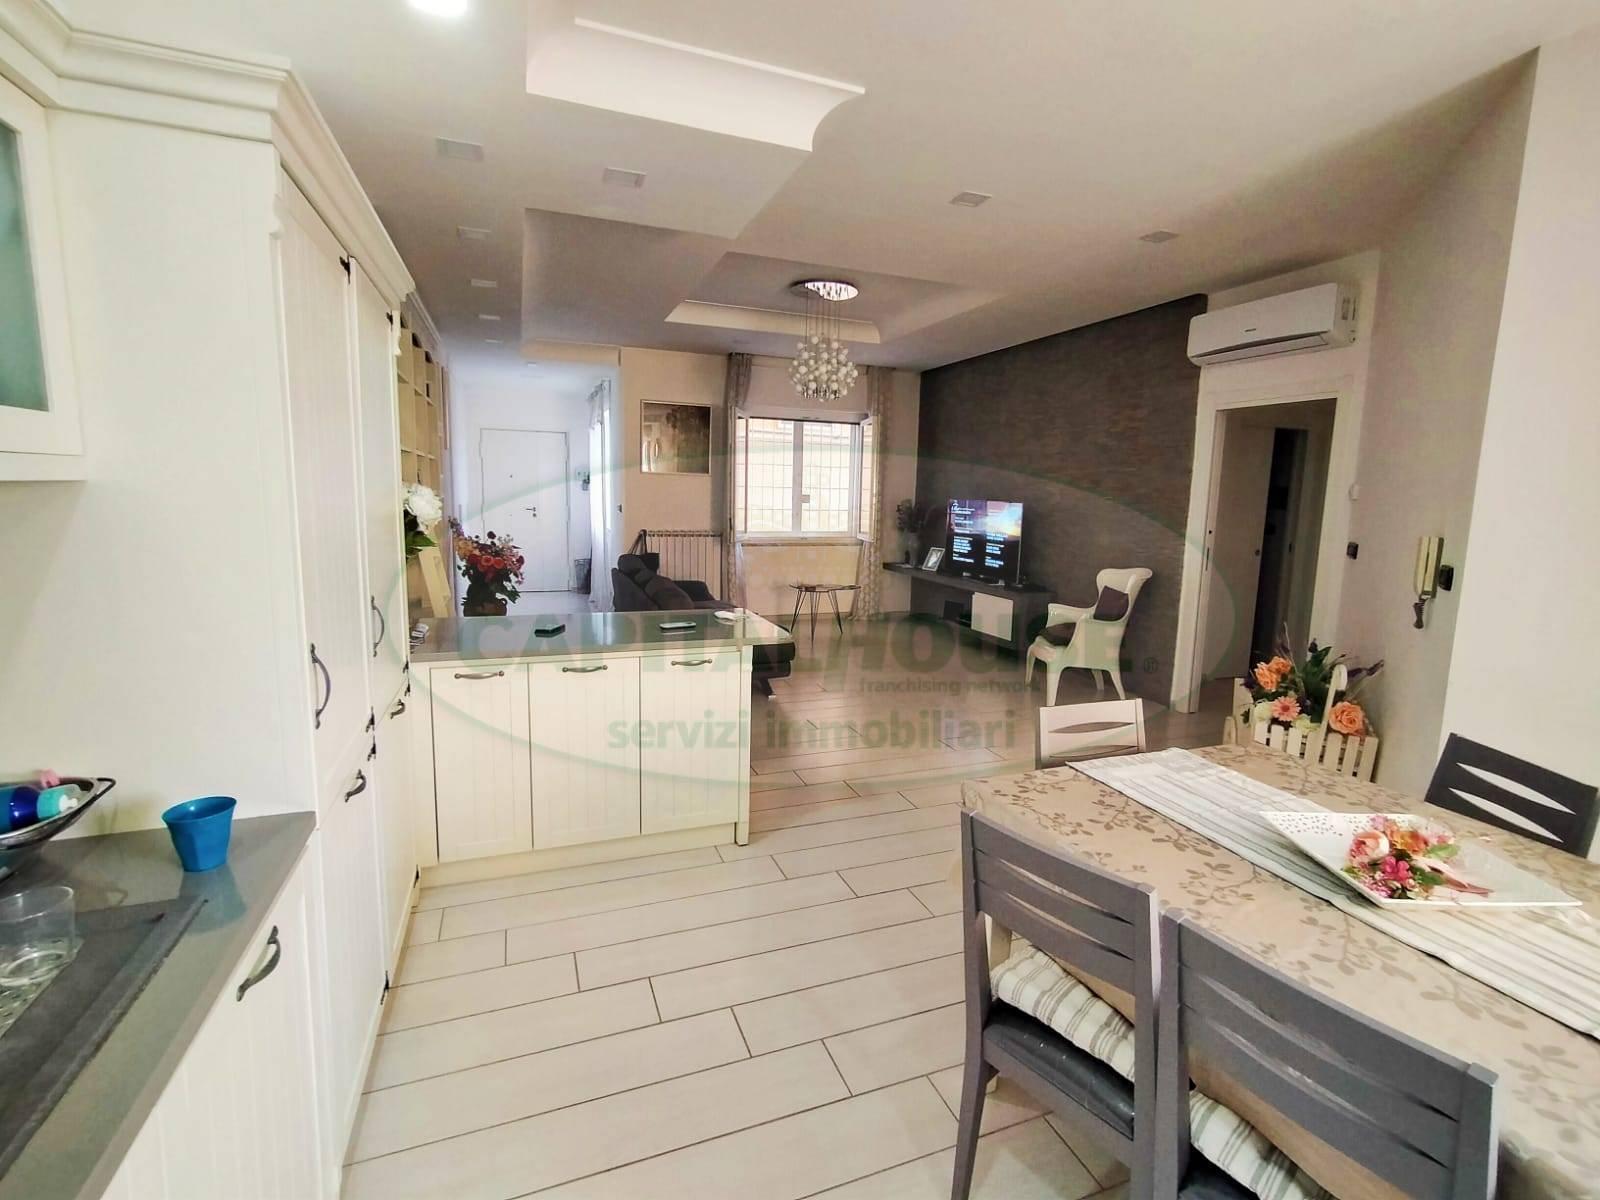 Appartamento in vendita a Pomigliano d'Arco, 3 locali, prezzo € 225.000 | PortaleAgenzieImmobiliari.it